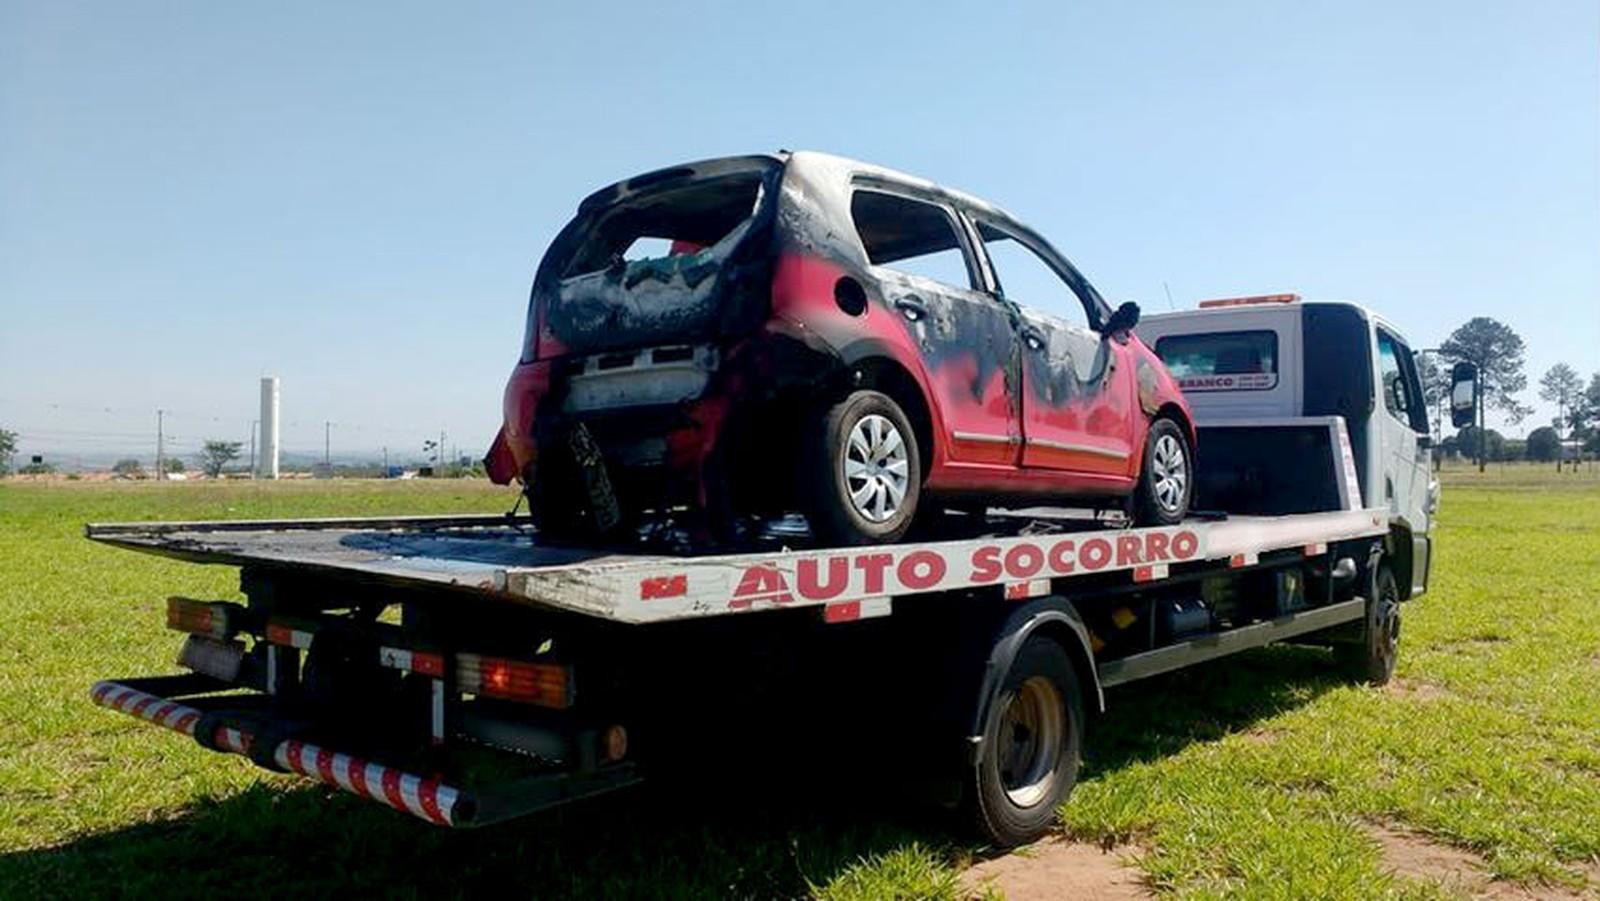 Carro estava em um pasto nas proximidade do recinto de exposições da Examar — Foto: Marília Notícia/ Divulgação